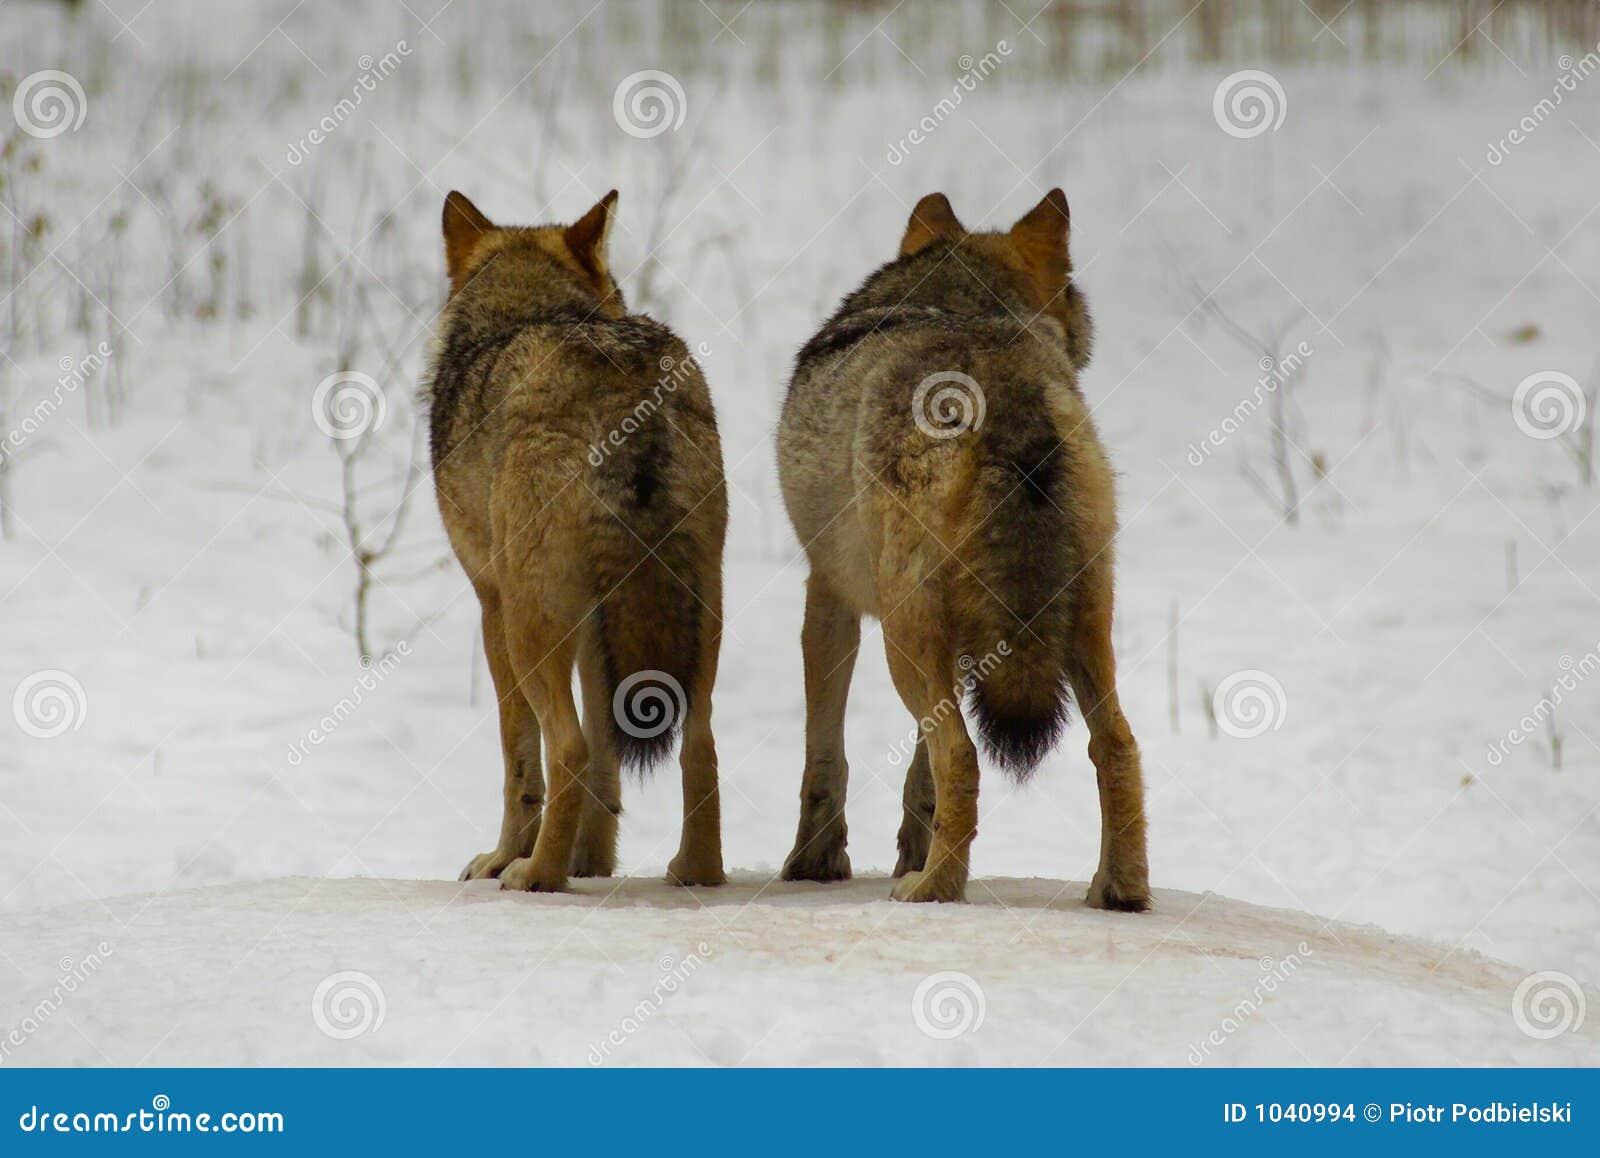 Wolf von Bialowieza/von Polen